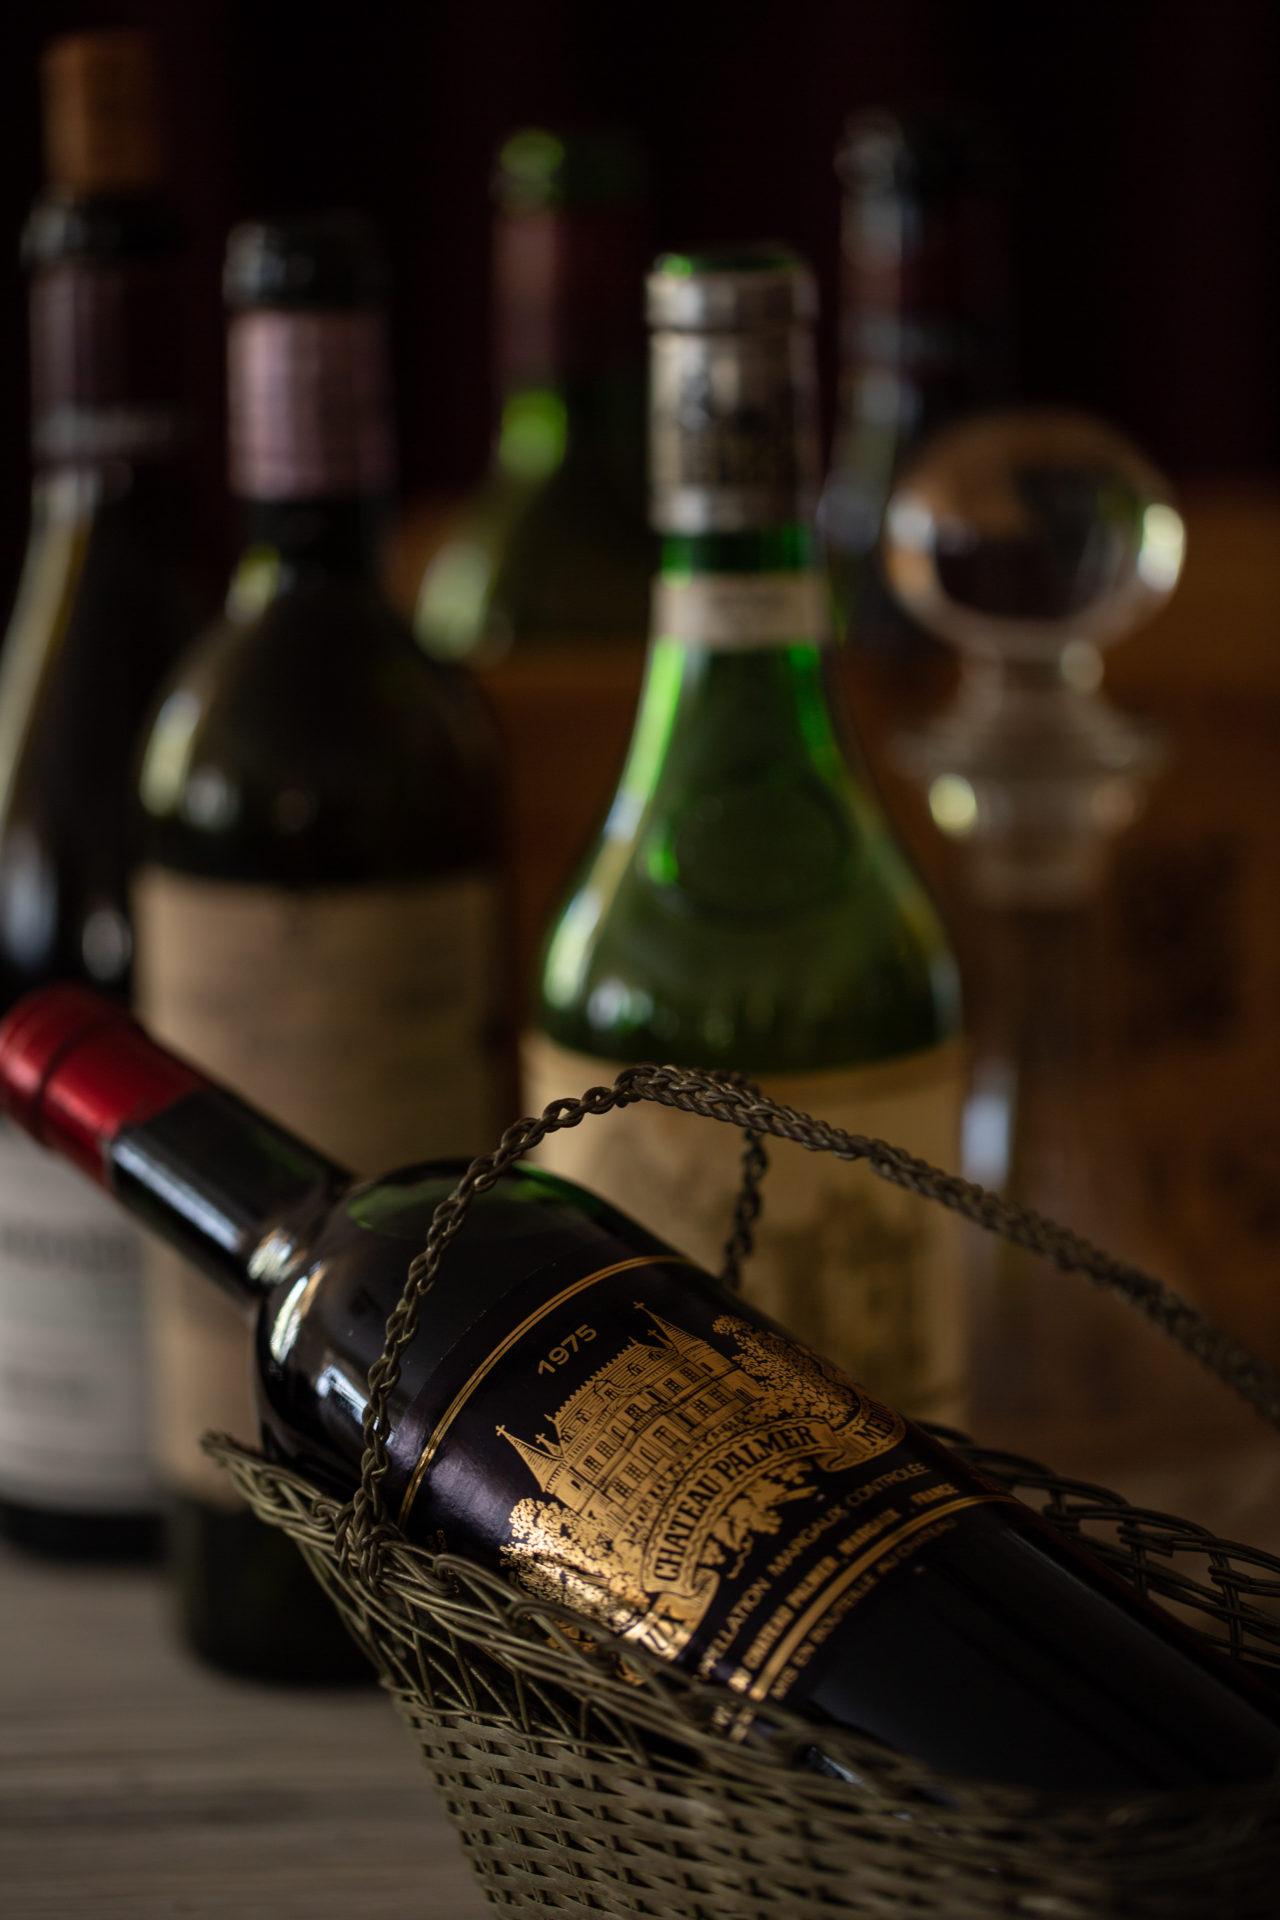 第15回ワイン会開催のお知らせ